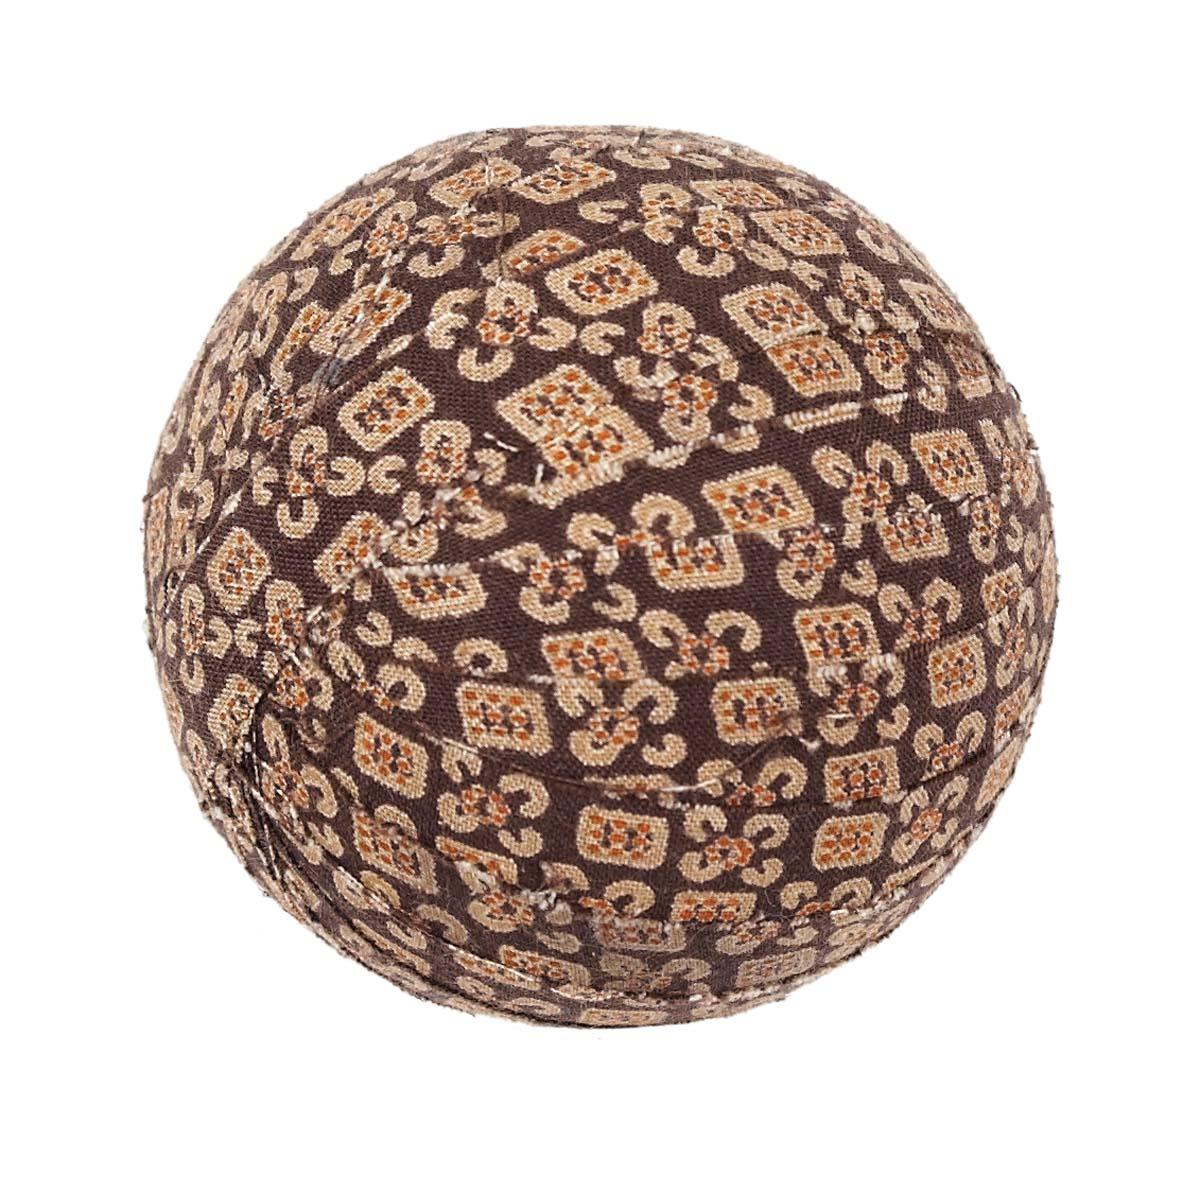 Tacoma Fabric Ball #10-2.5